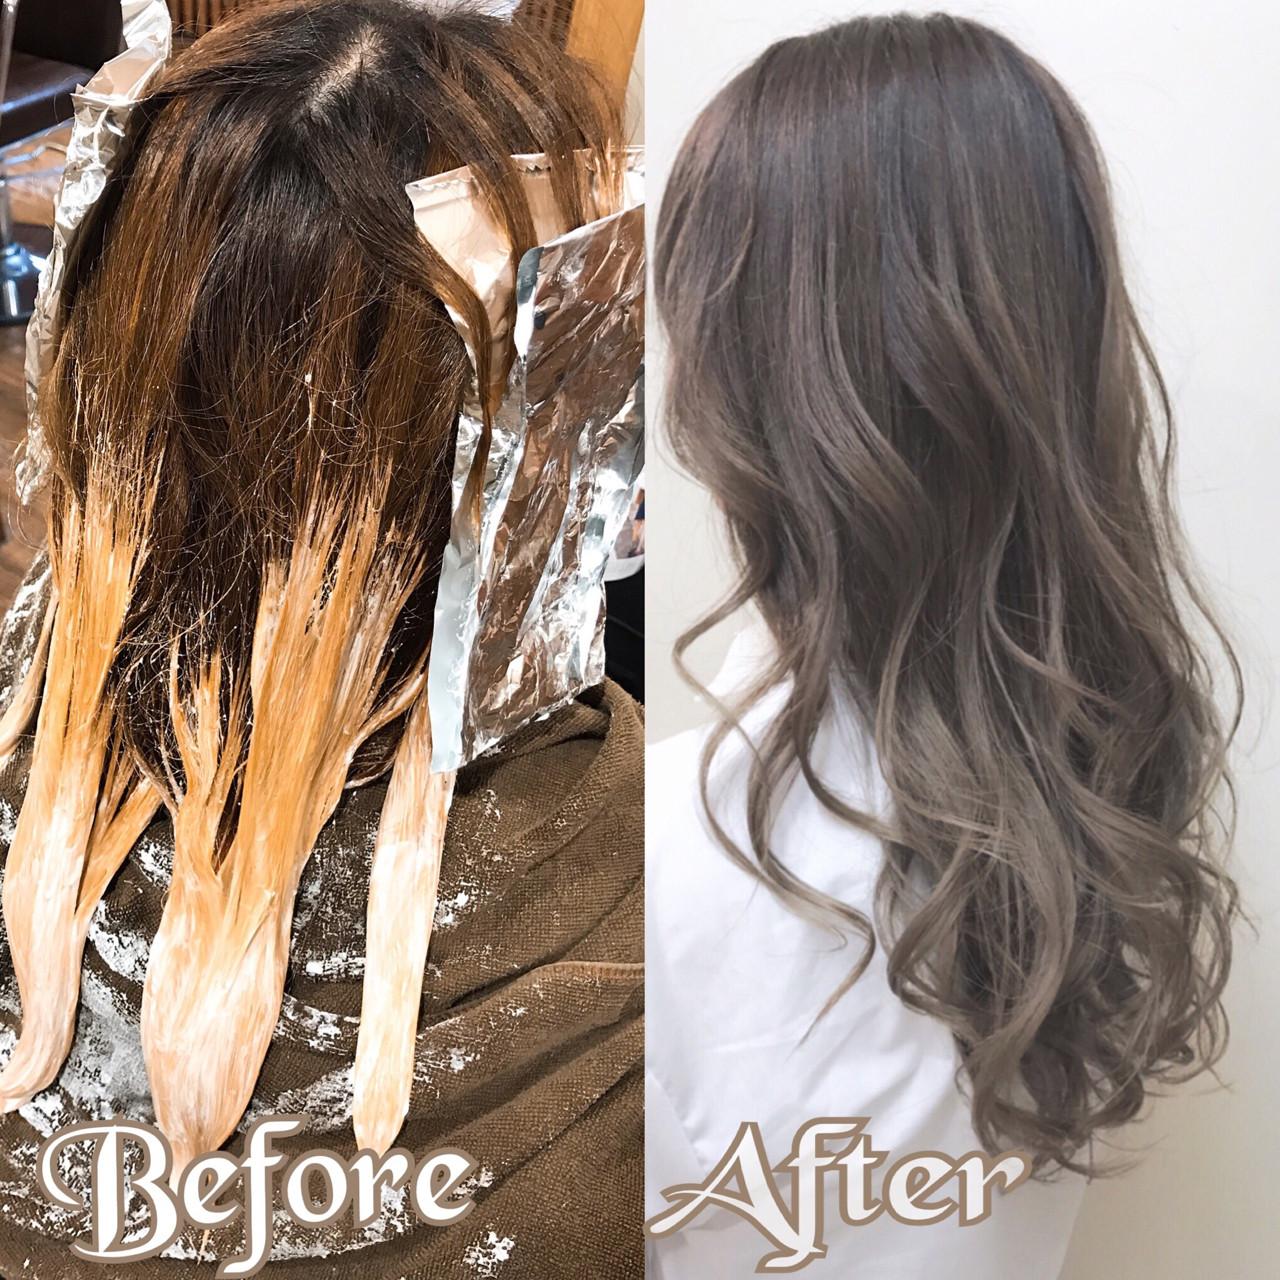 外国人風カラー セミロング ハイライト バレイヤージュ ヘアスタイルや髪型の写真・画像 | デザインカラー講師 REOMA / BLITZ R-EVOLUT